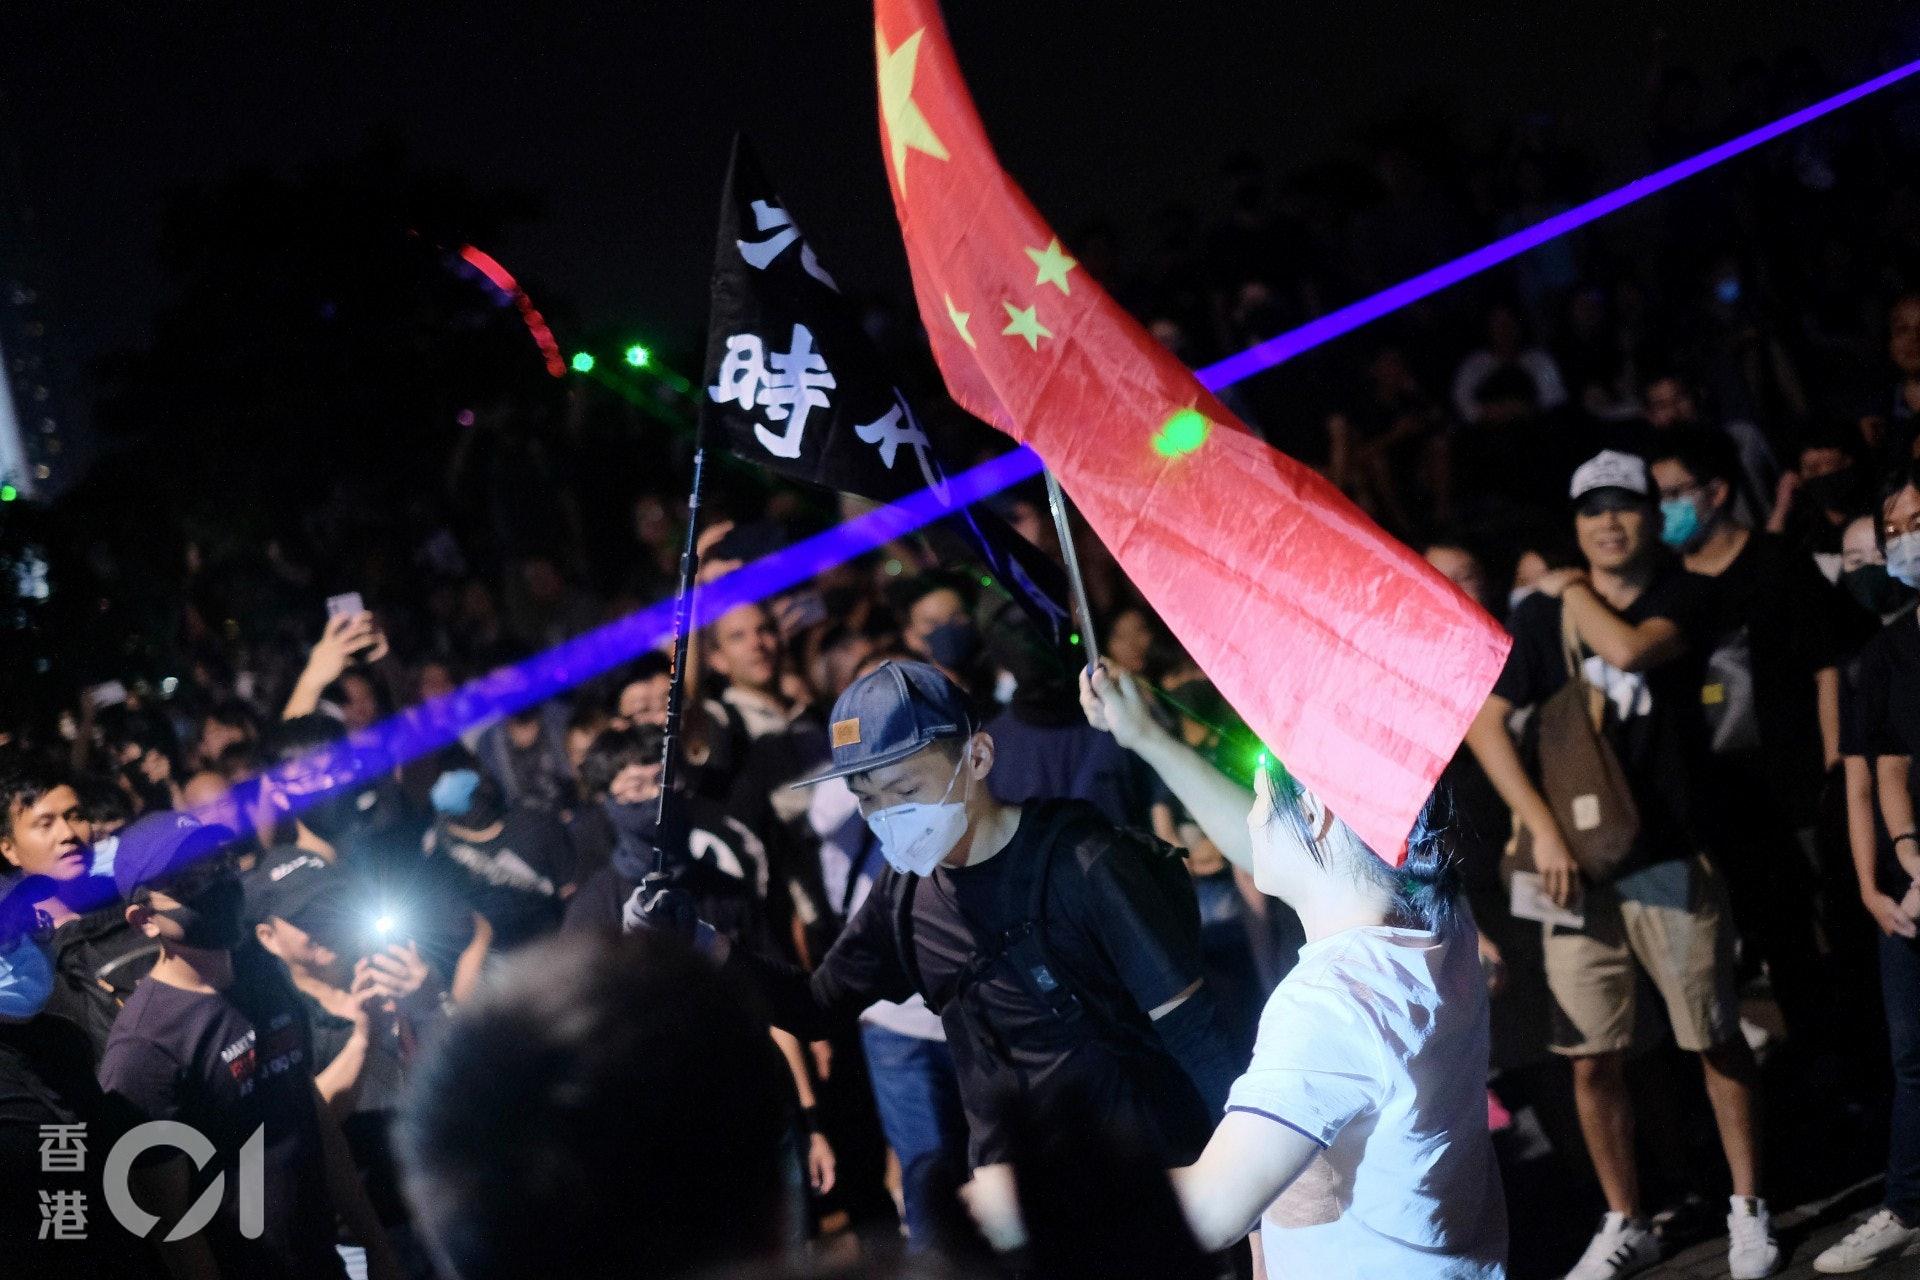 2019年9月28日,傘運五周年集會中有人持中國國旗「踩場」,參加者以鐳射筆「反擊」,結果持國旗男子被「私了」,送院治療。(歐嘉樂攝)